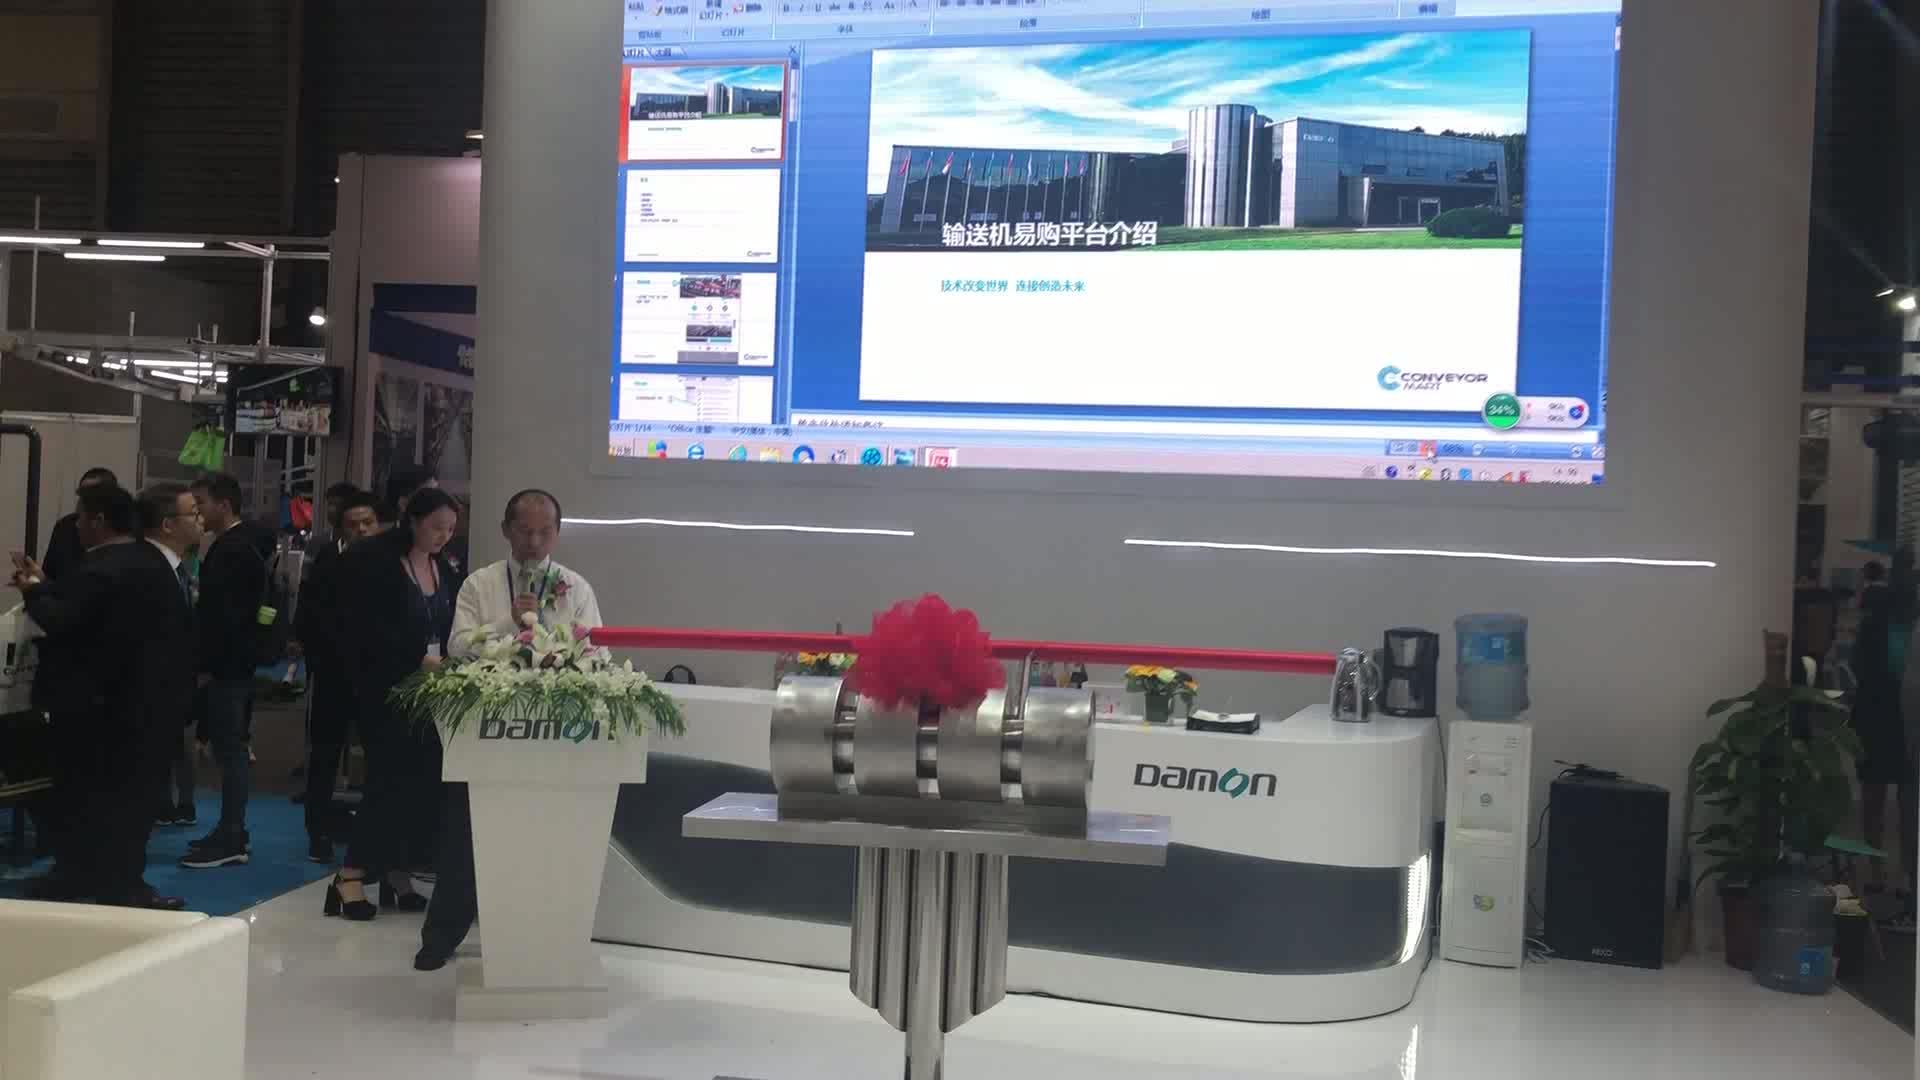 德马输送机易购 标准模块化输送机零售平台发布会